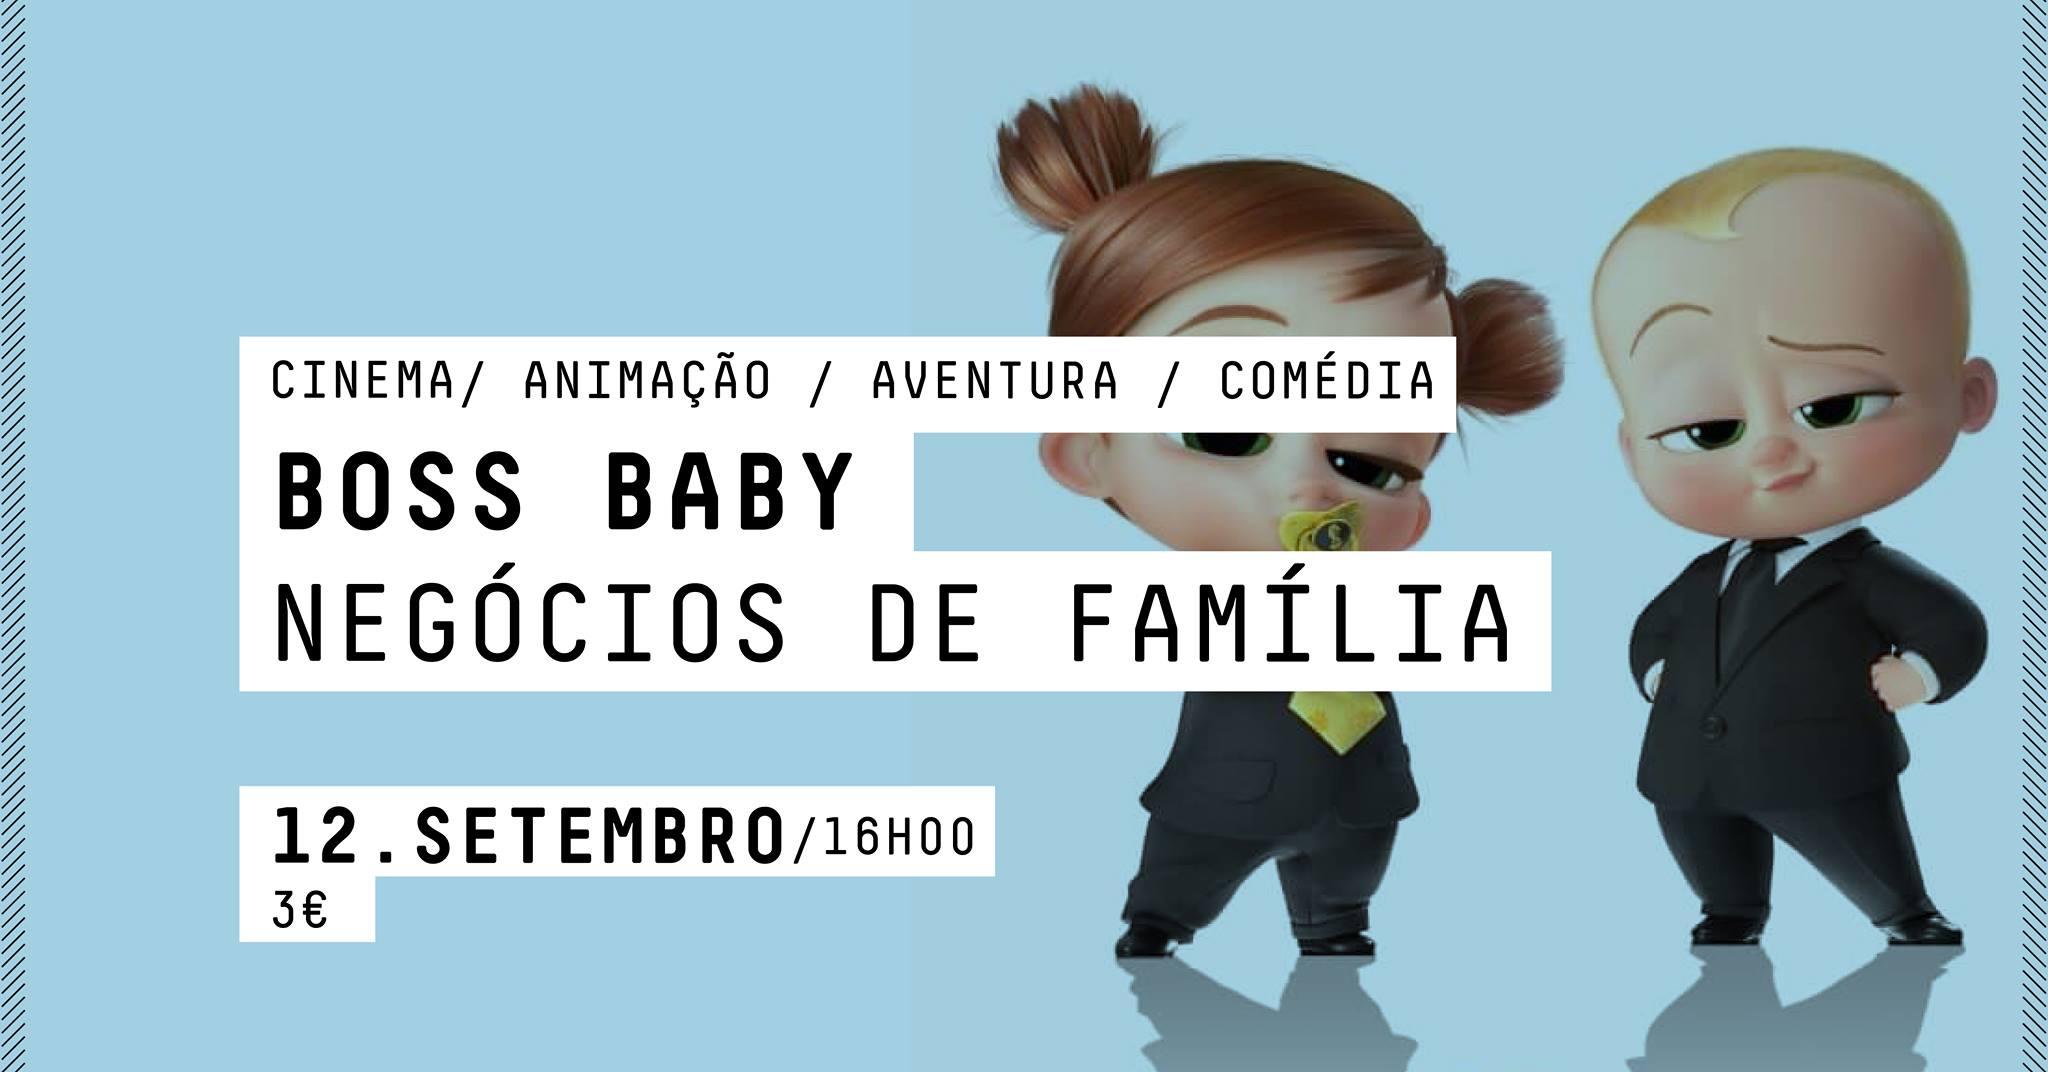 CINEMA  - Boss Baby: Negócios de Família